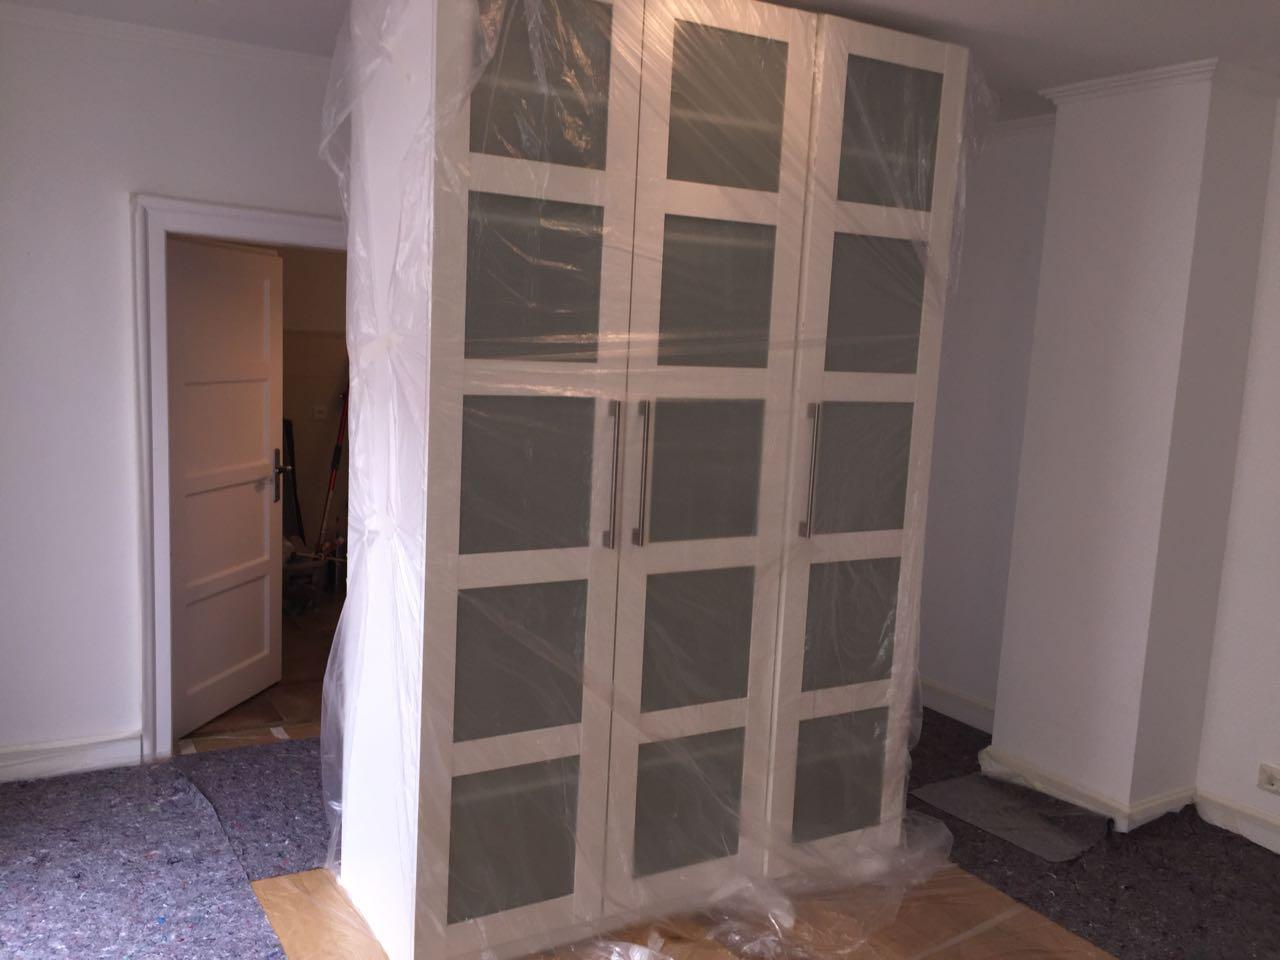 Wohnung streichen in burgdorf gemacht getan for Wohnung streichen